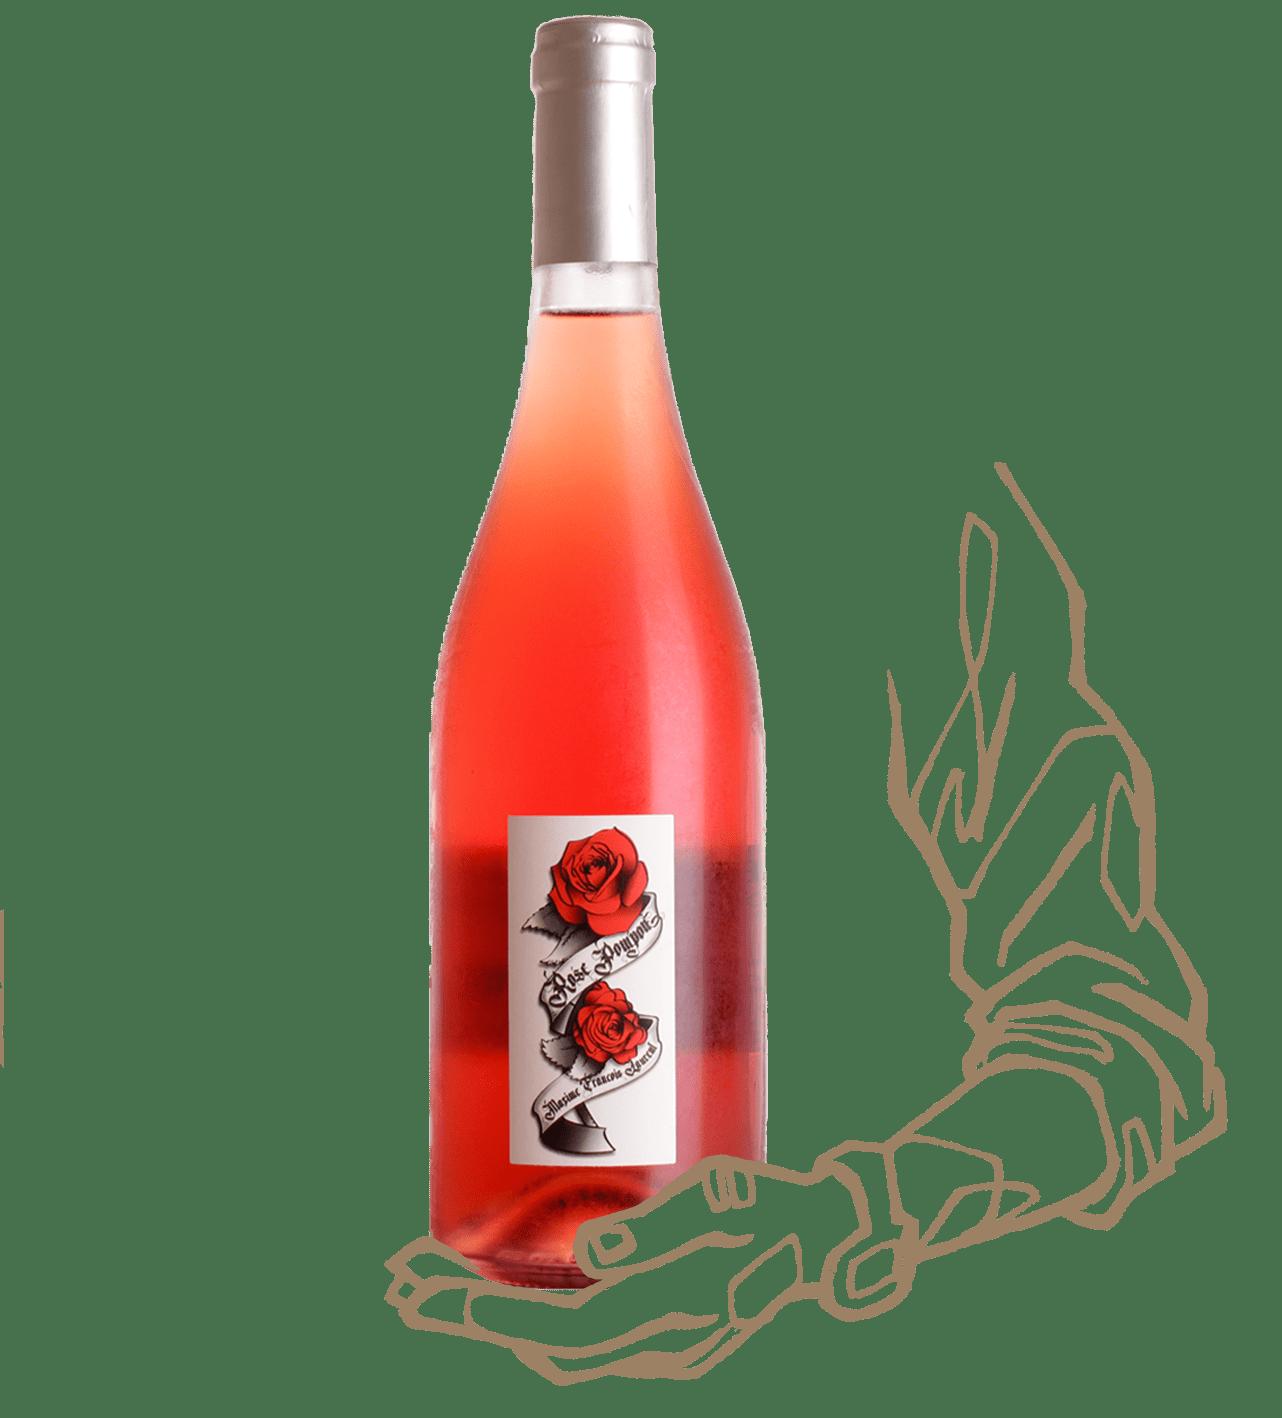 Rose Pompon est un vin rosé naturel de Maxime François Laurent (Gramenon)